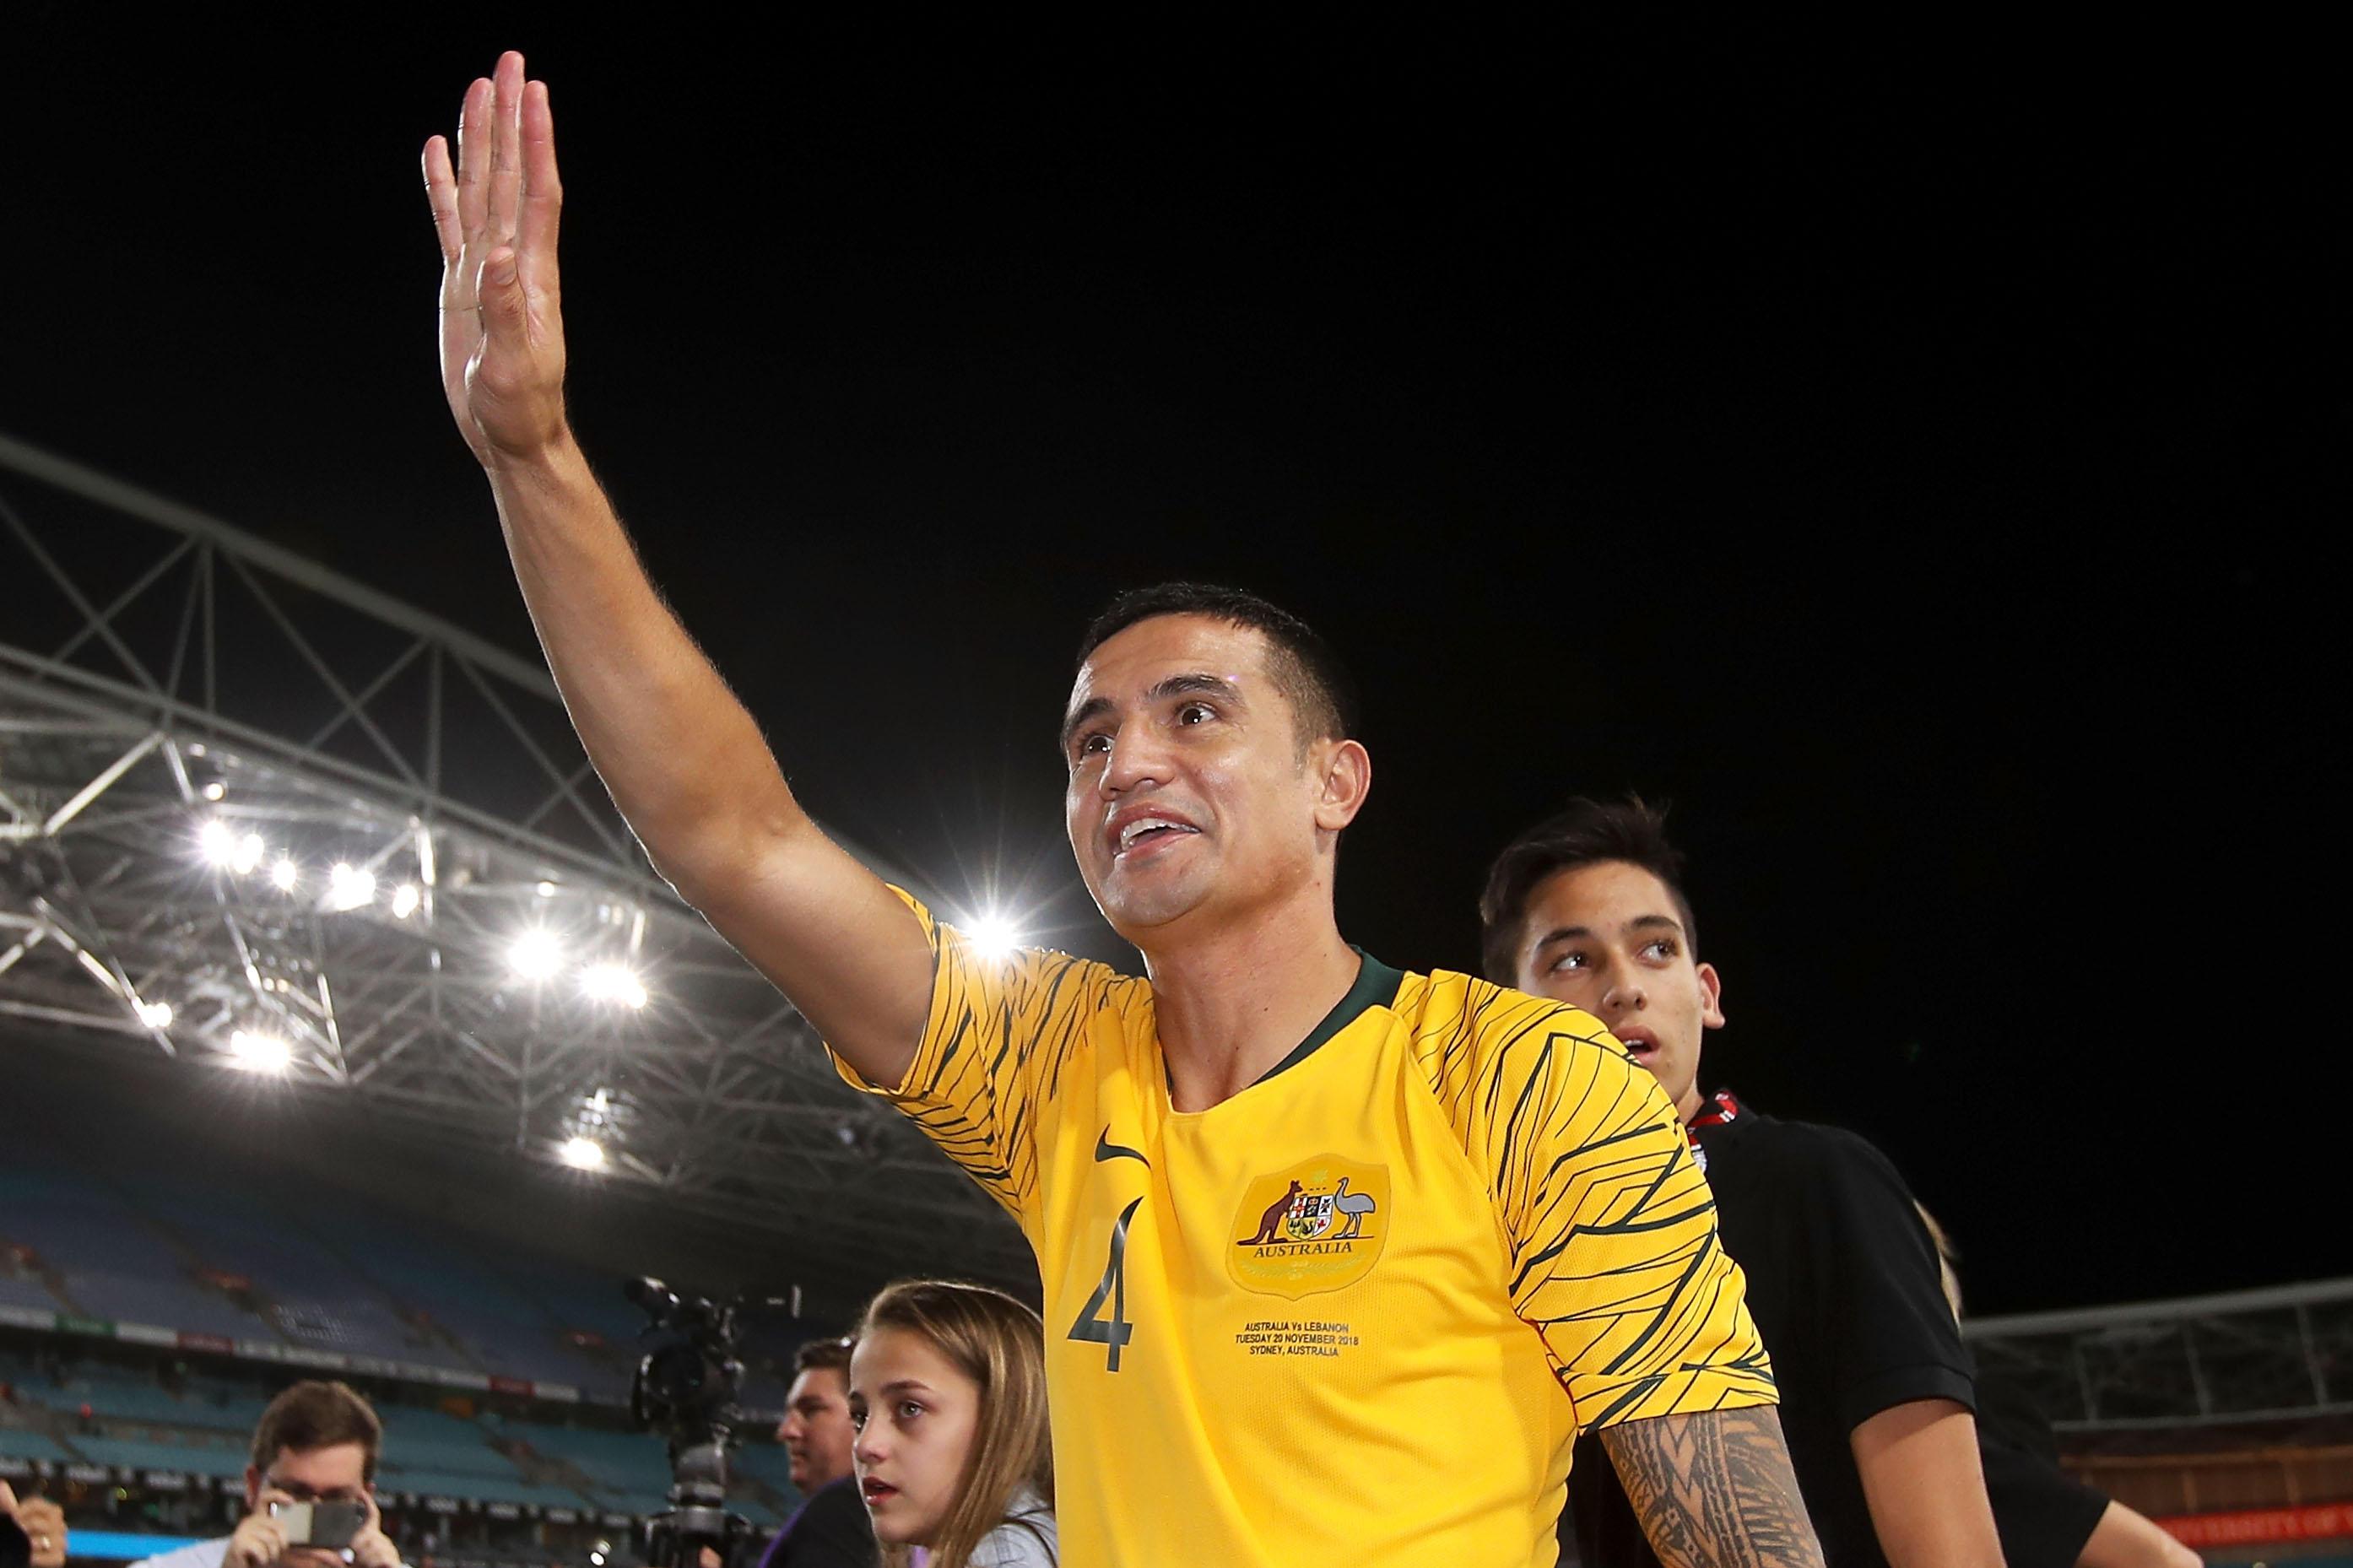 L'ultimo a lasciare, simbolo della nazionale dei canguri: Tim Cahill ha salutato l'Australia il 20 novembre, ma l'annuncio era già stato dato a luglio.